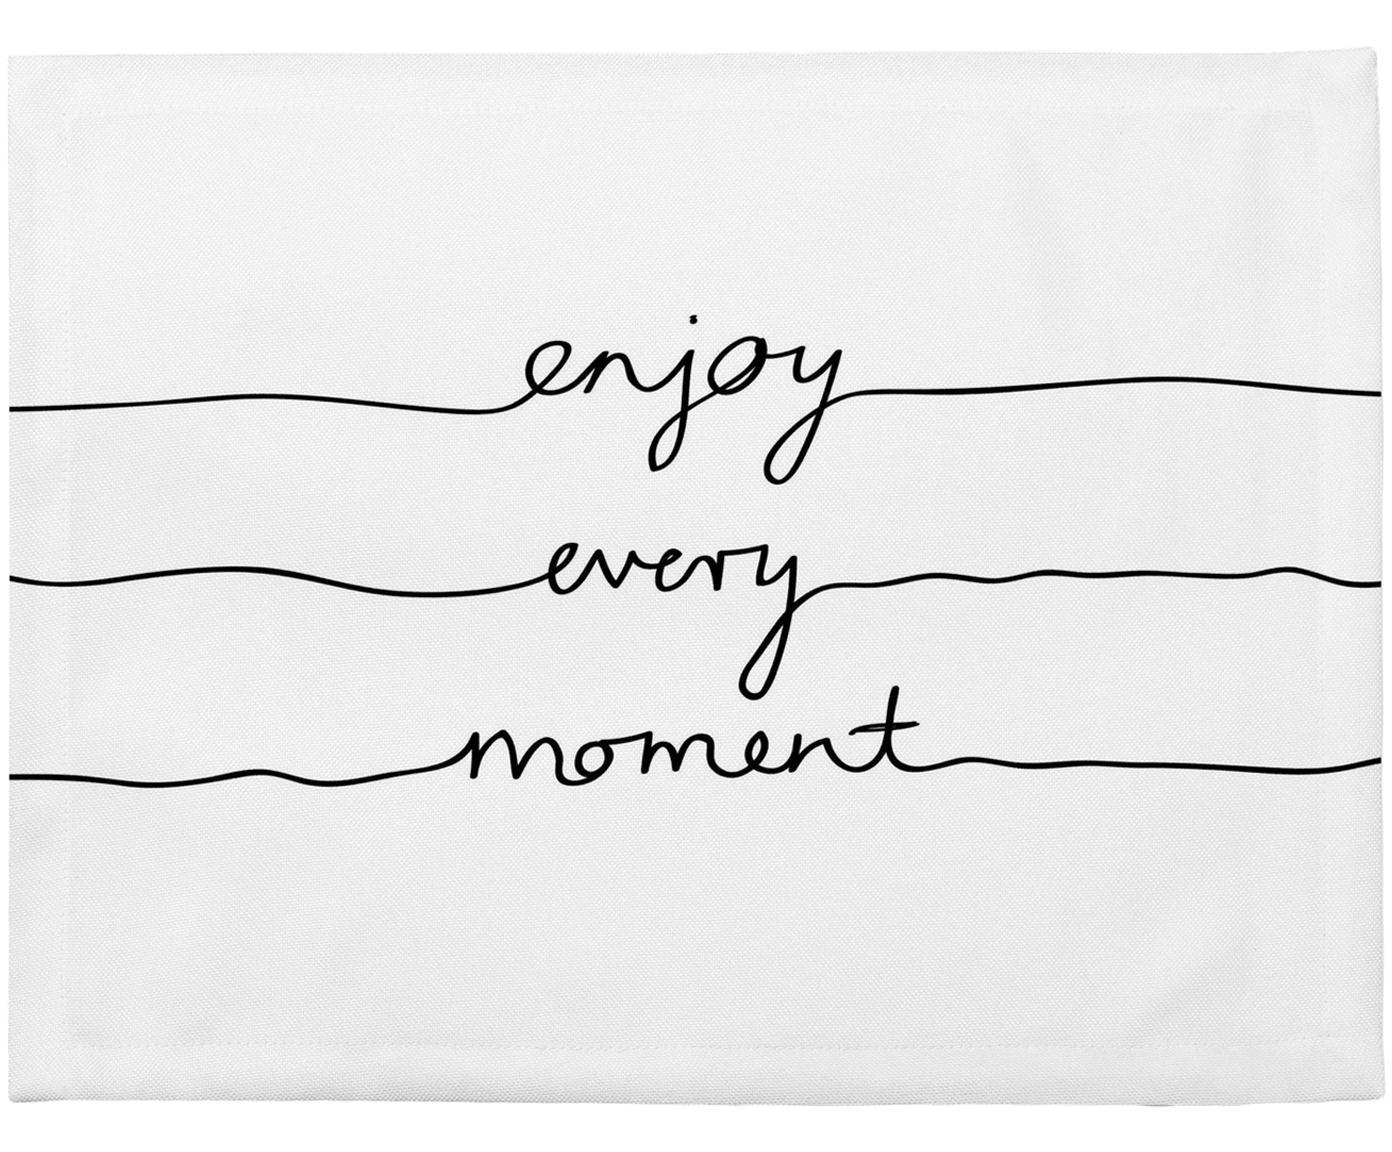 Tischsets Enjoy Every Moment, 4 Stück, Polyester, Schwarz, Weiß, 35 x 45 cm